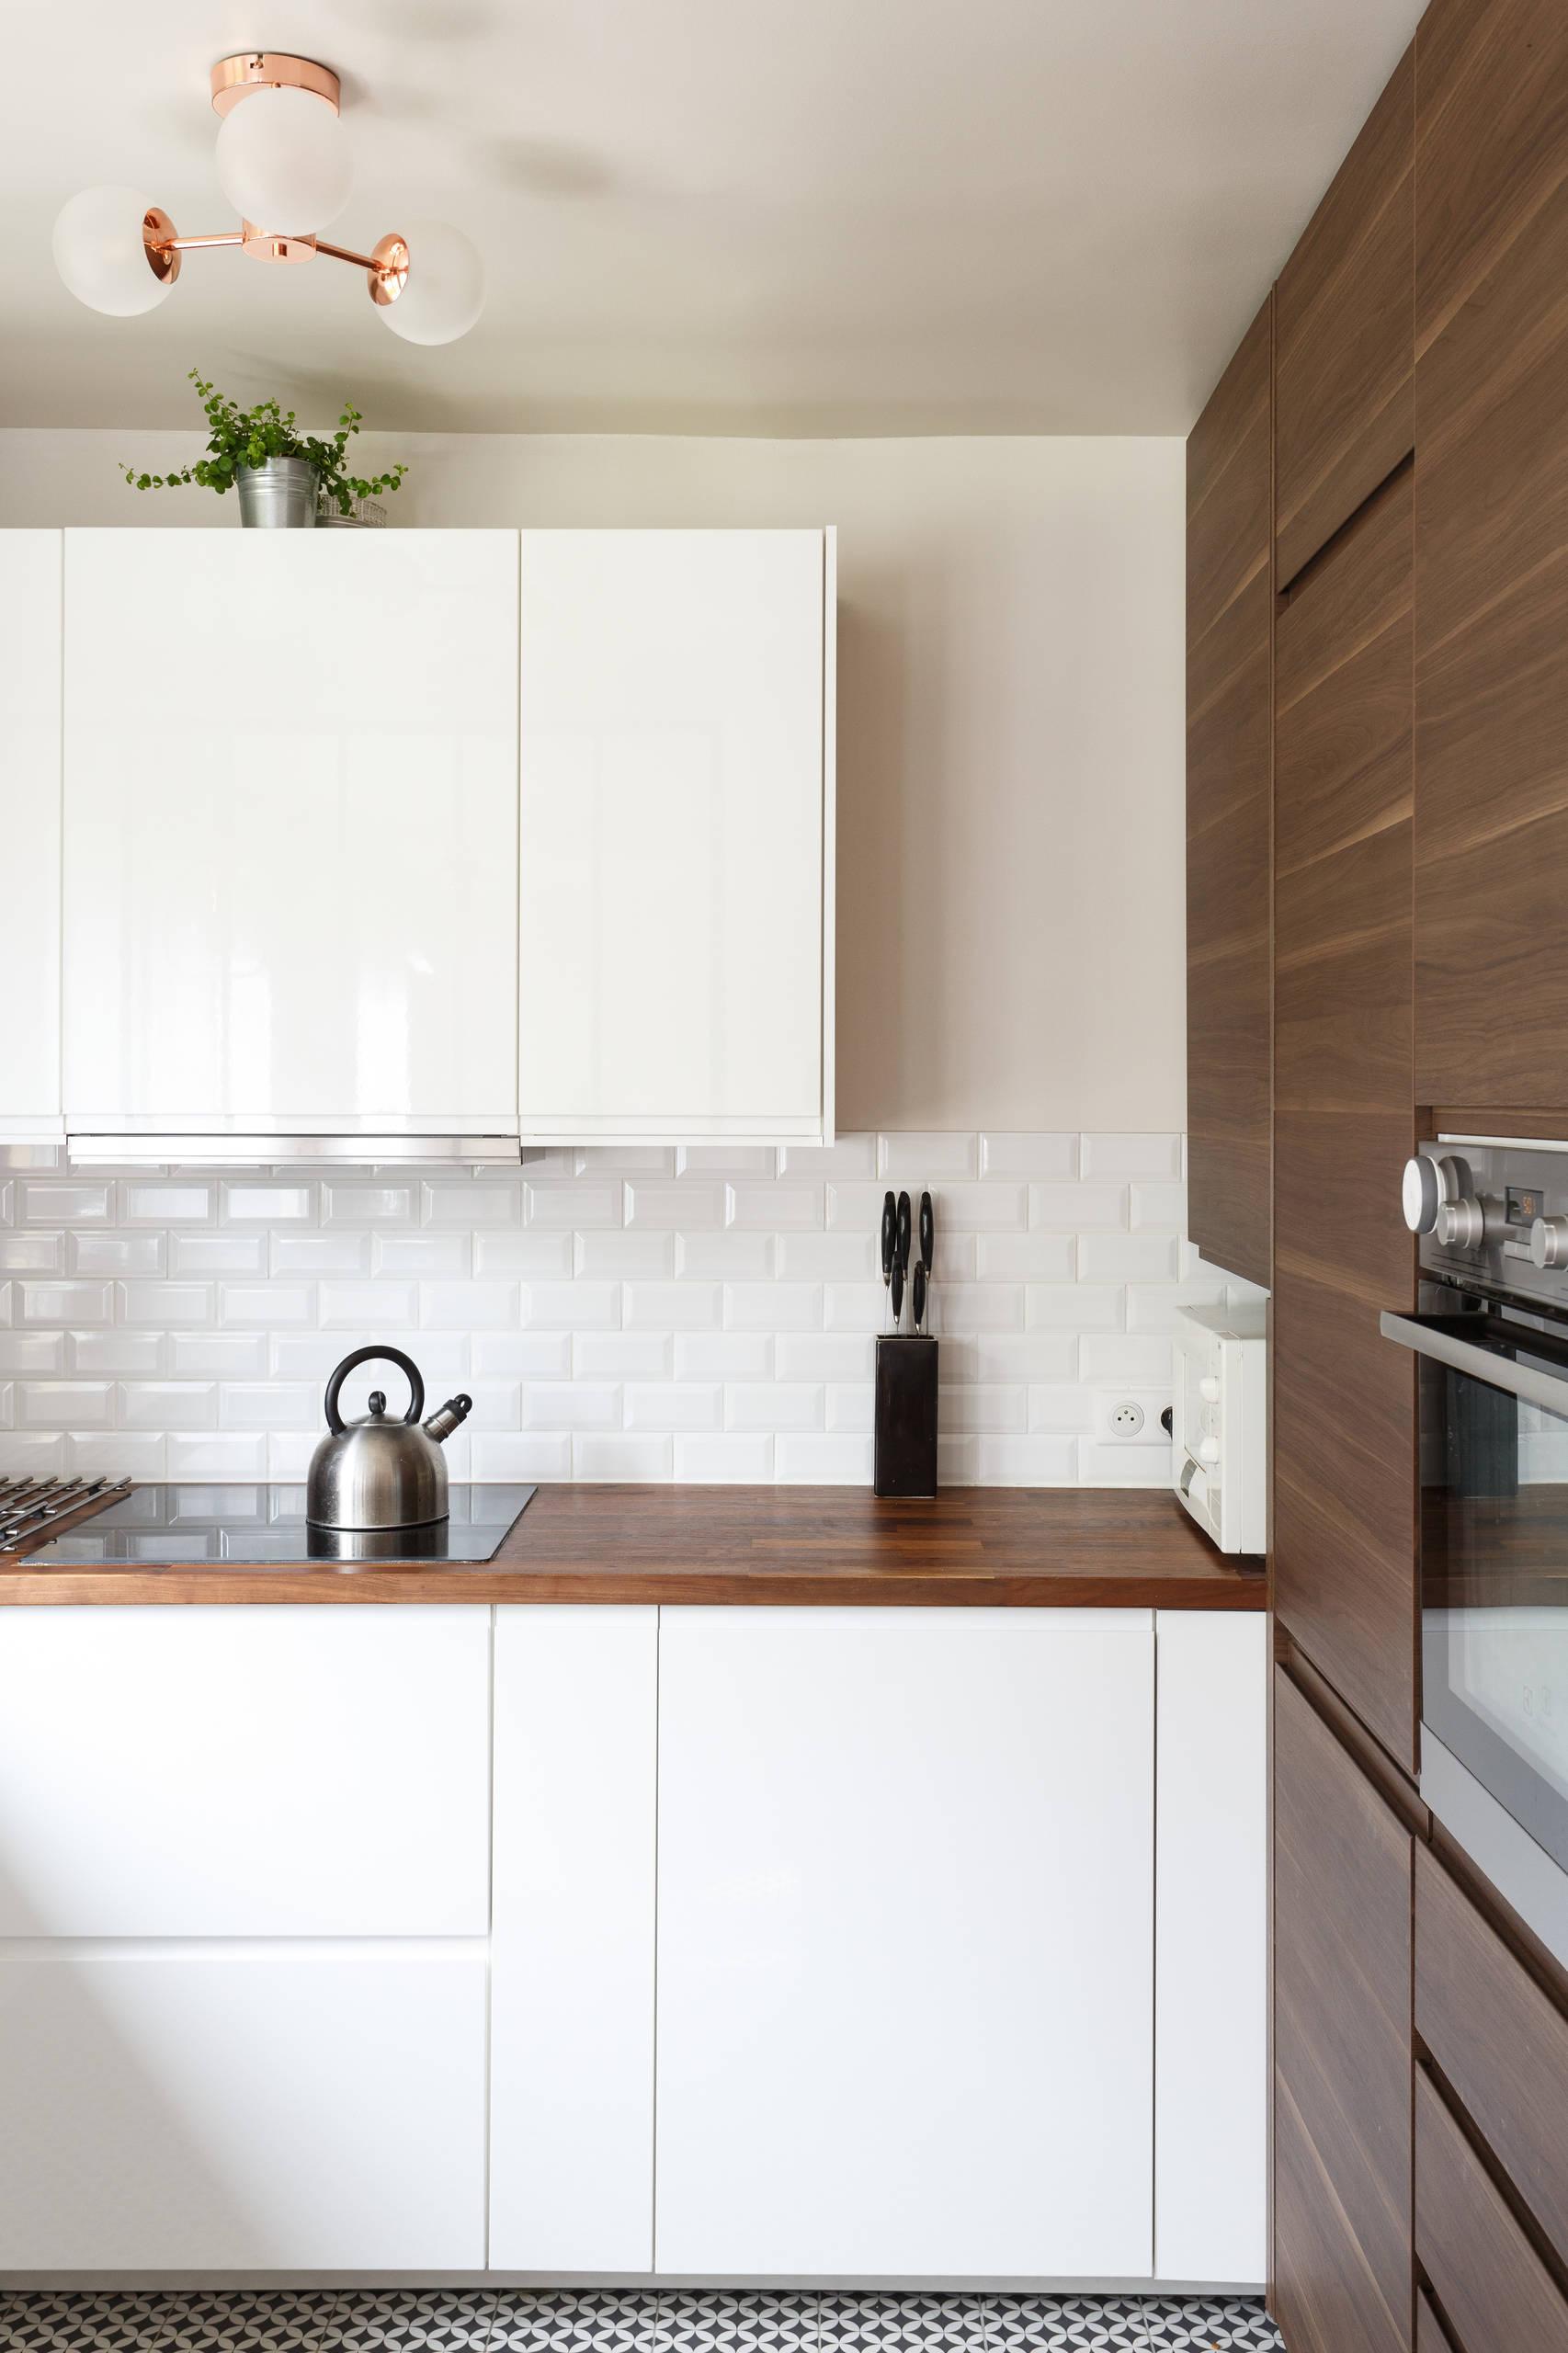 Avant/après Comment optimiser sa cuisine et l'entrée de son appartement